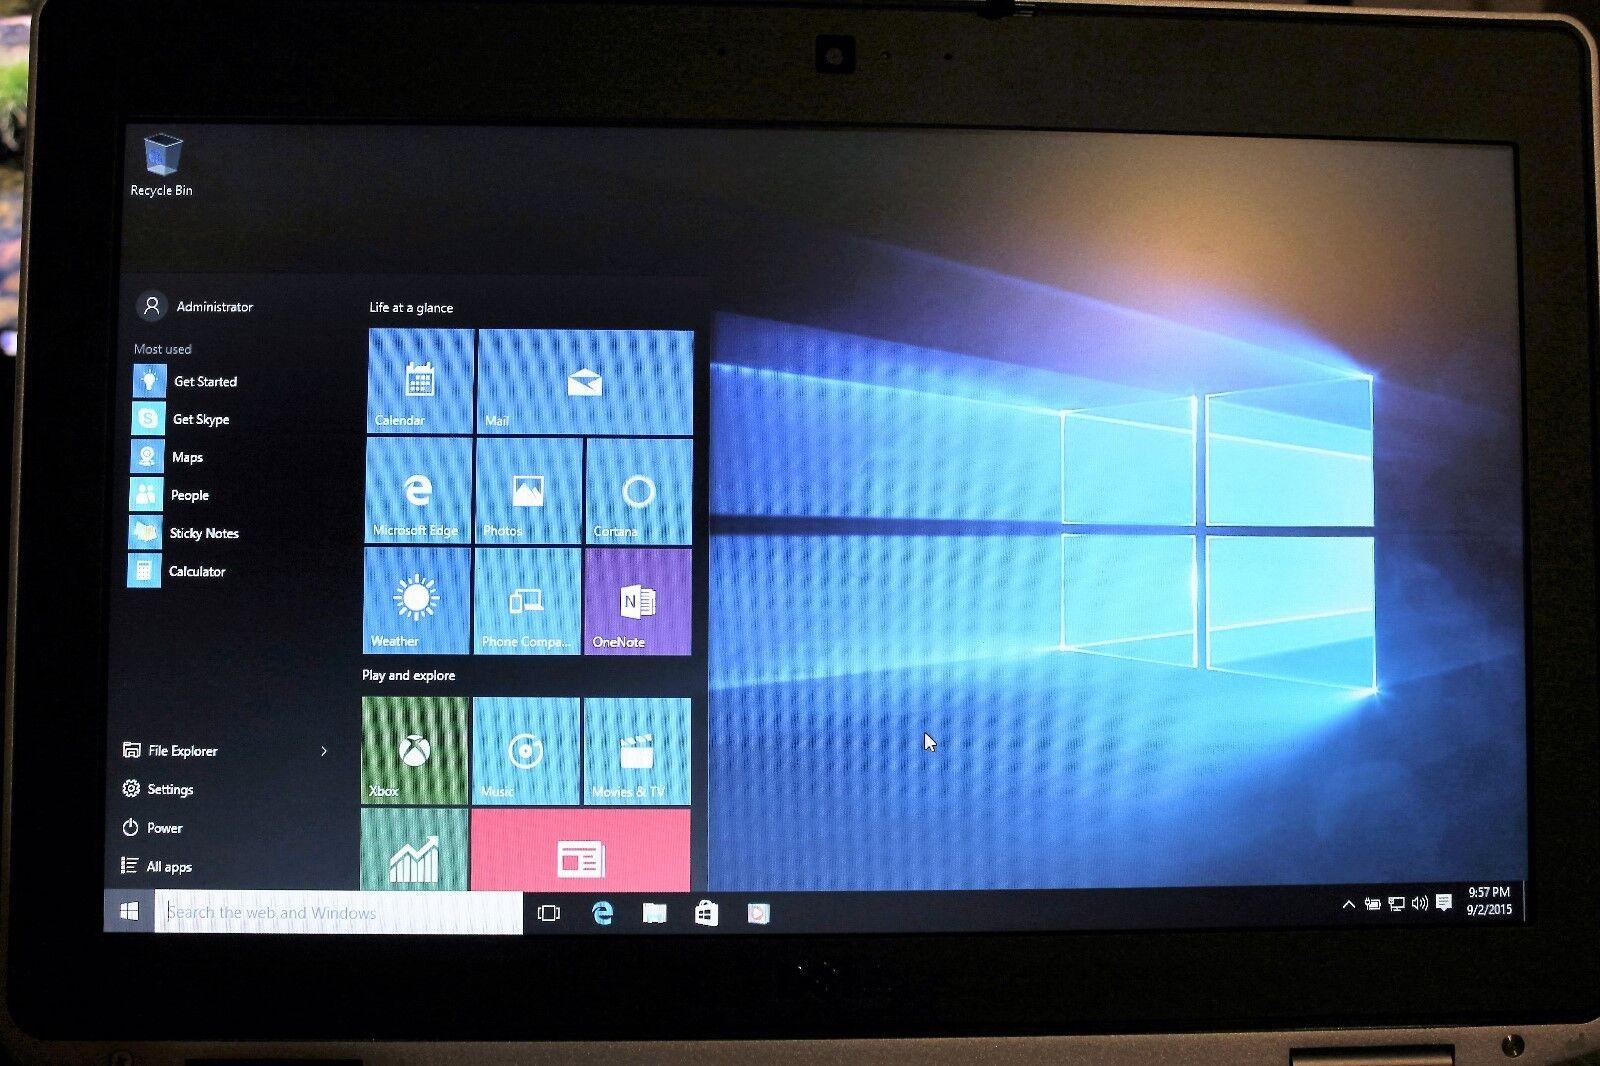 Dell Latitude E6430 i5-3340M 2.70Ghz 4GB, 128GB SSD, HDMI, Webcam, Win 10 Pro